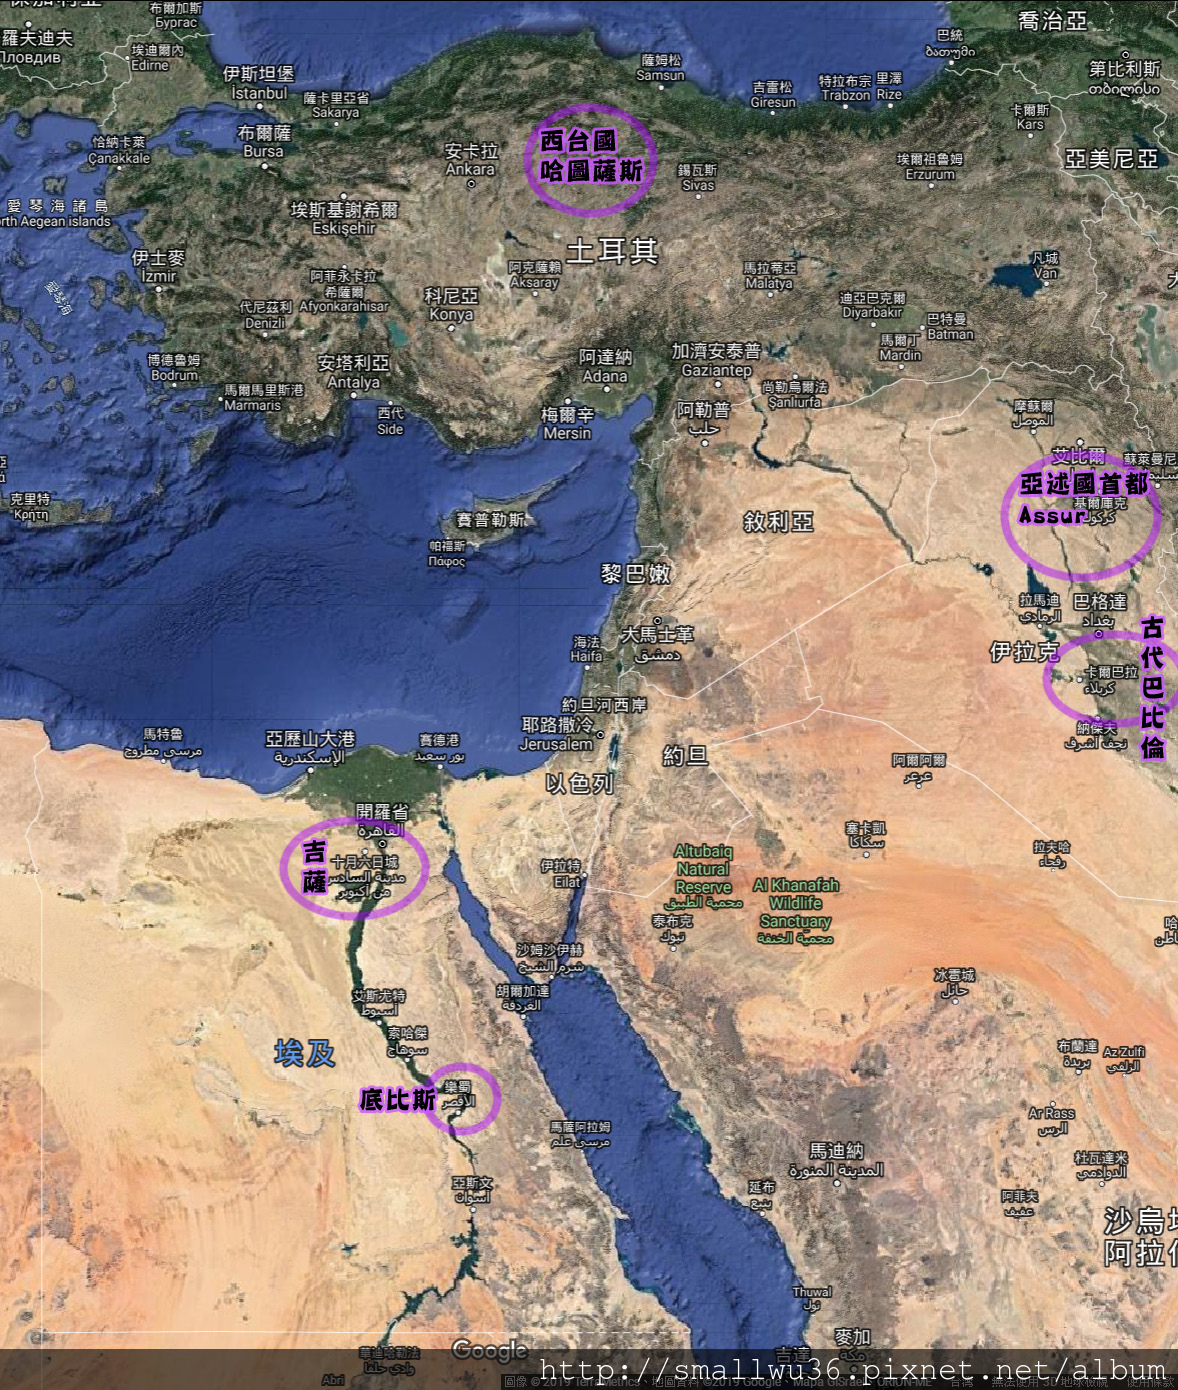 西台王國(哈圖薩斯 Hattusas) 埃及(吉薩,底比斯) 亞述,巴比倫(皆伊拉克) 大約位置-2.jpg